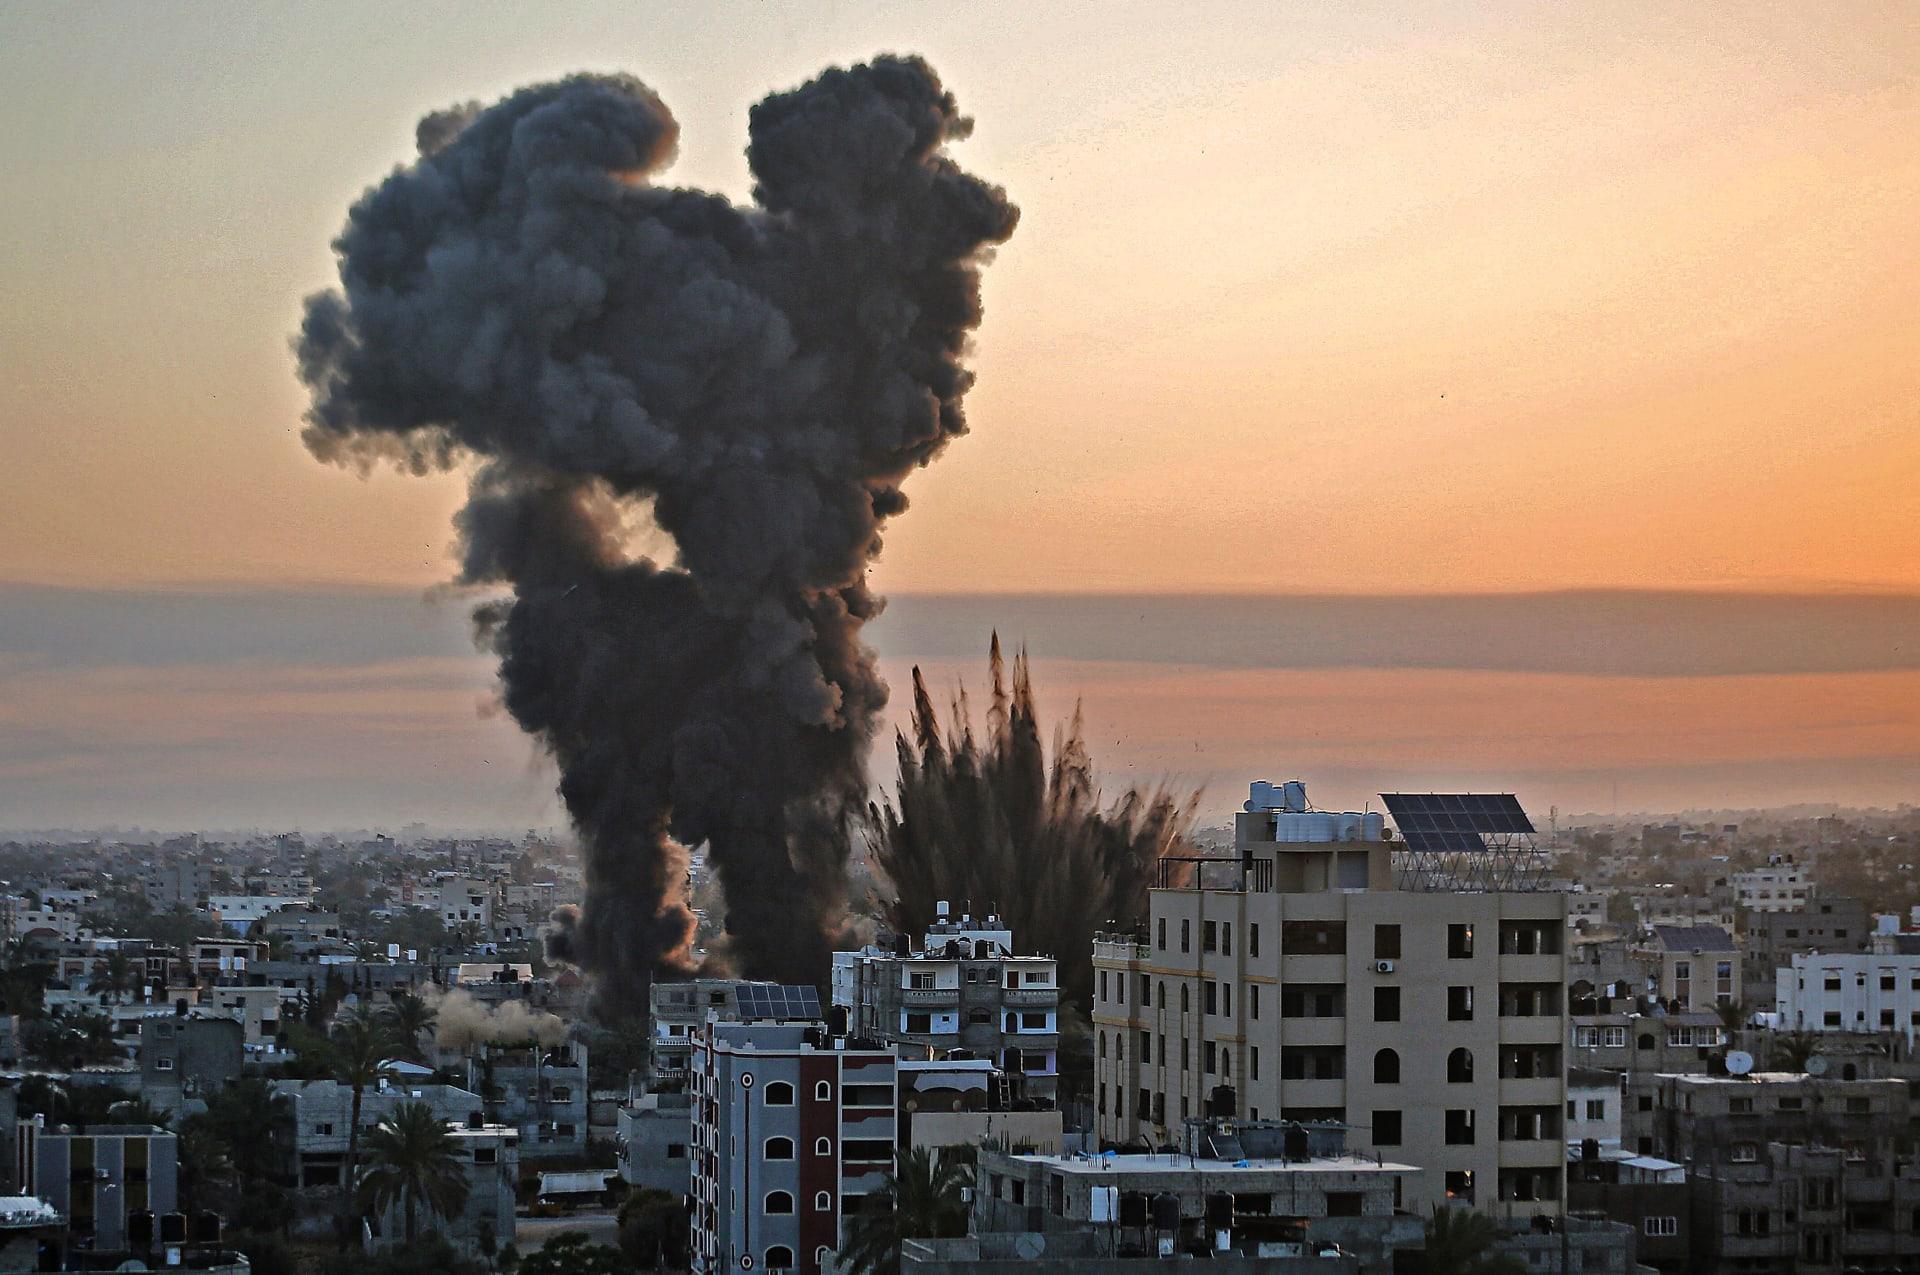 مقتل 56 فلسطينياً و6 إسرائيليين.. القسام تطلق صواريخ نحو ديمونا.. ونتنياهو: سنوجه ضربات لم يتخيلوها